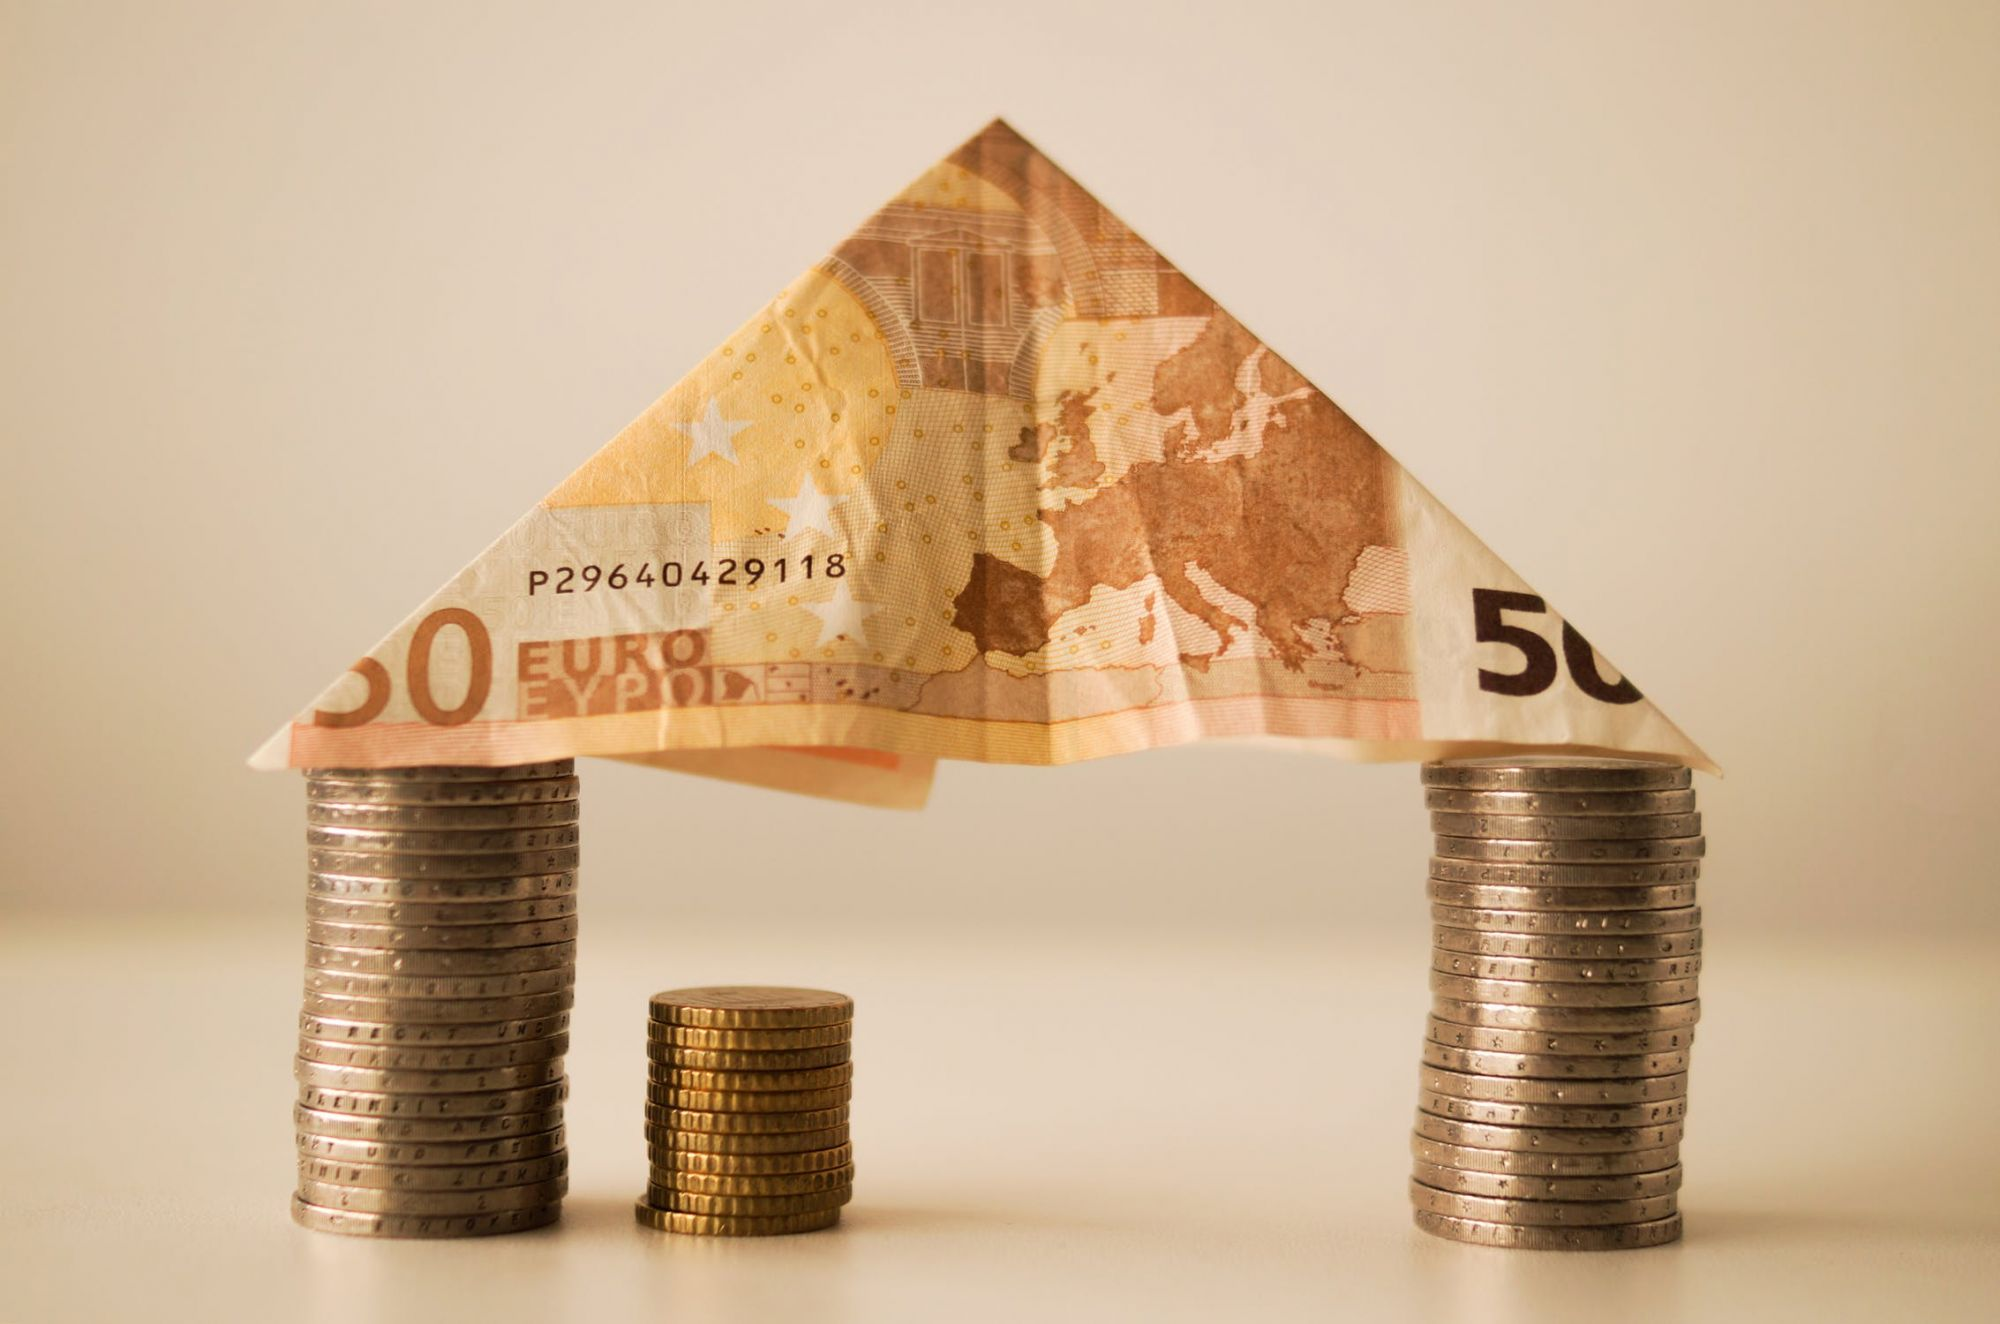 Hypotheekrente zal niet tot nauwelijks stijgen in 2019